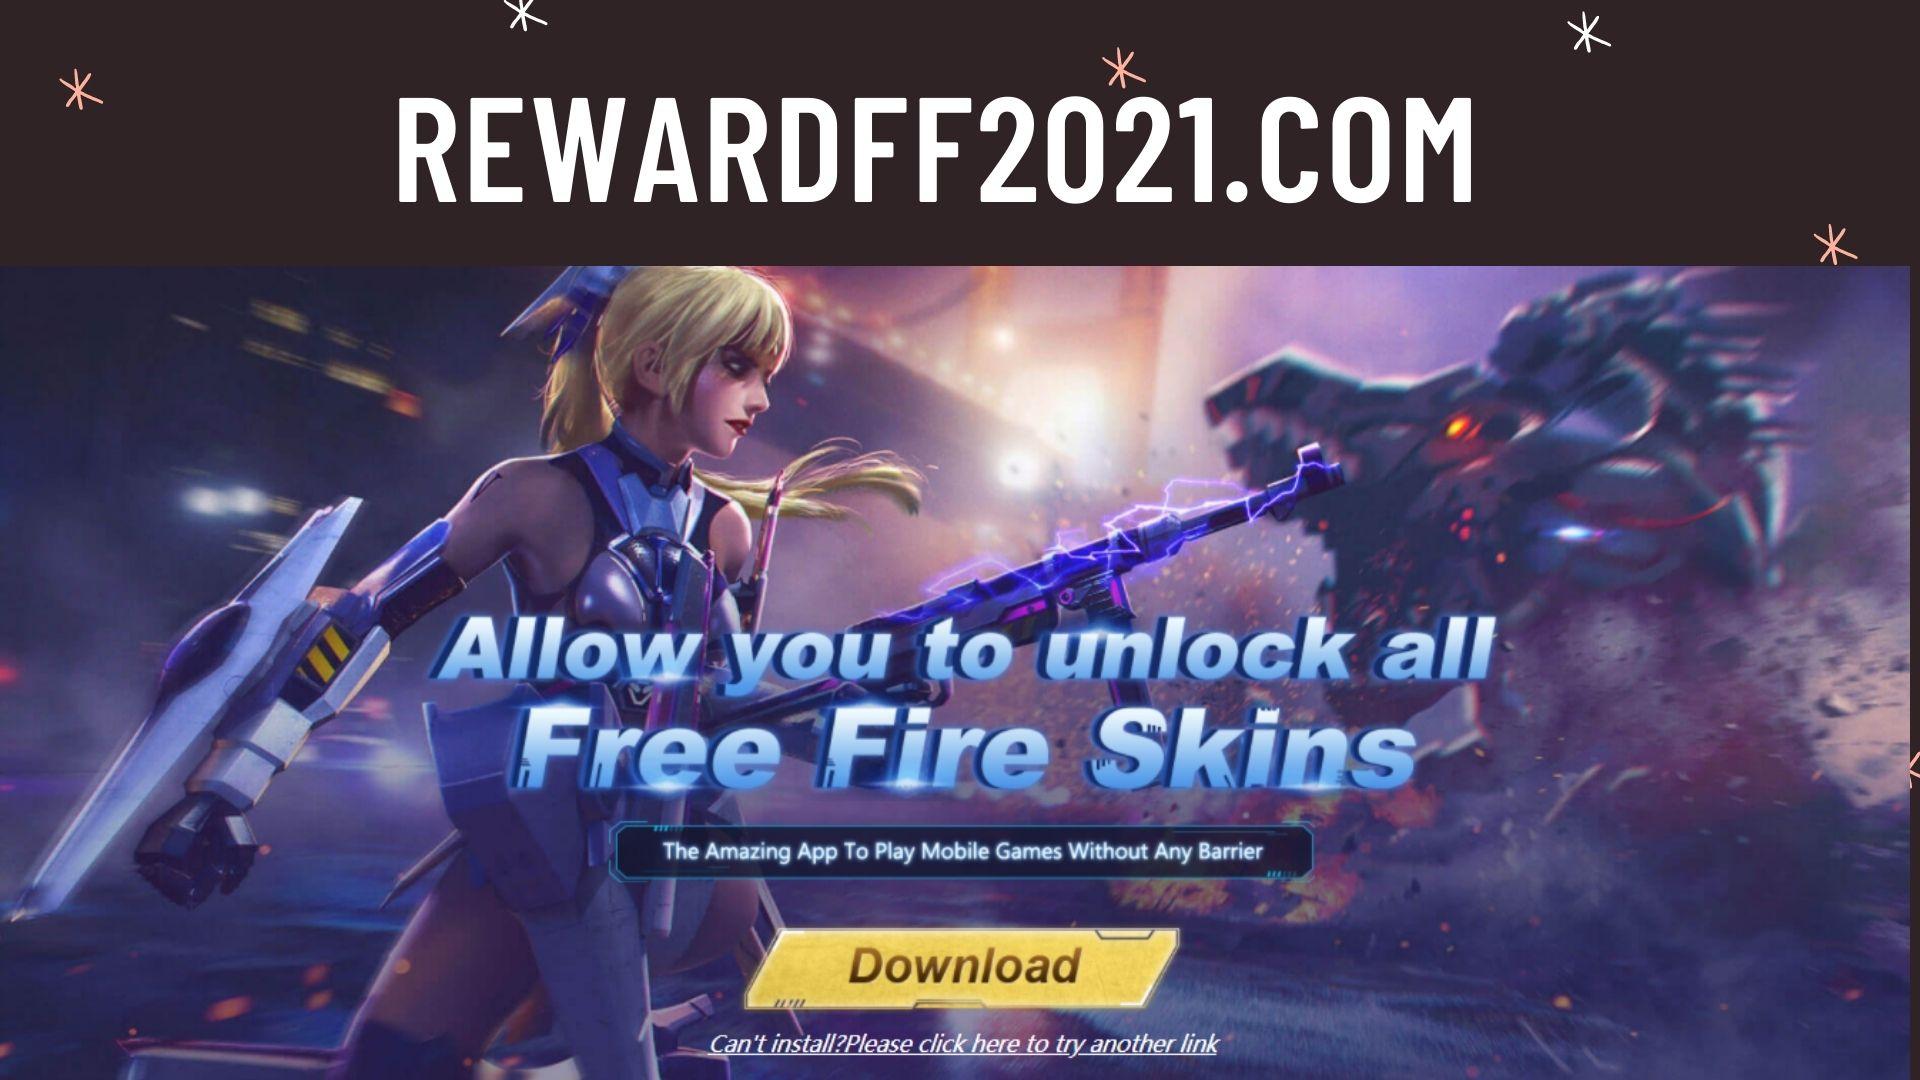 Dibalik kebenaran dapat item gratis di rewardff2021.com || Flashtik.com